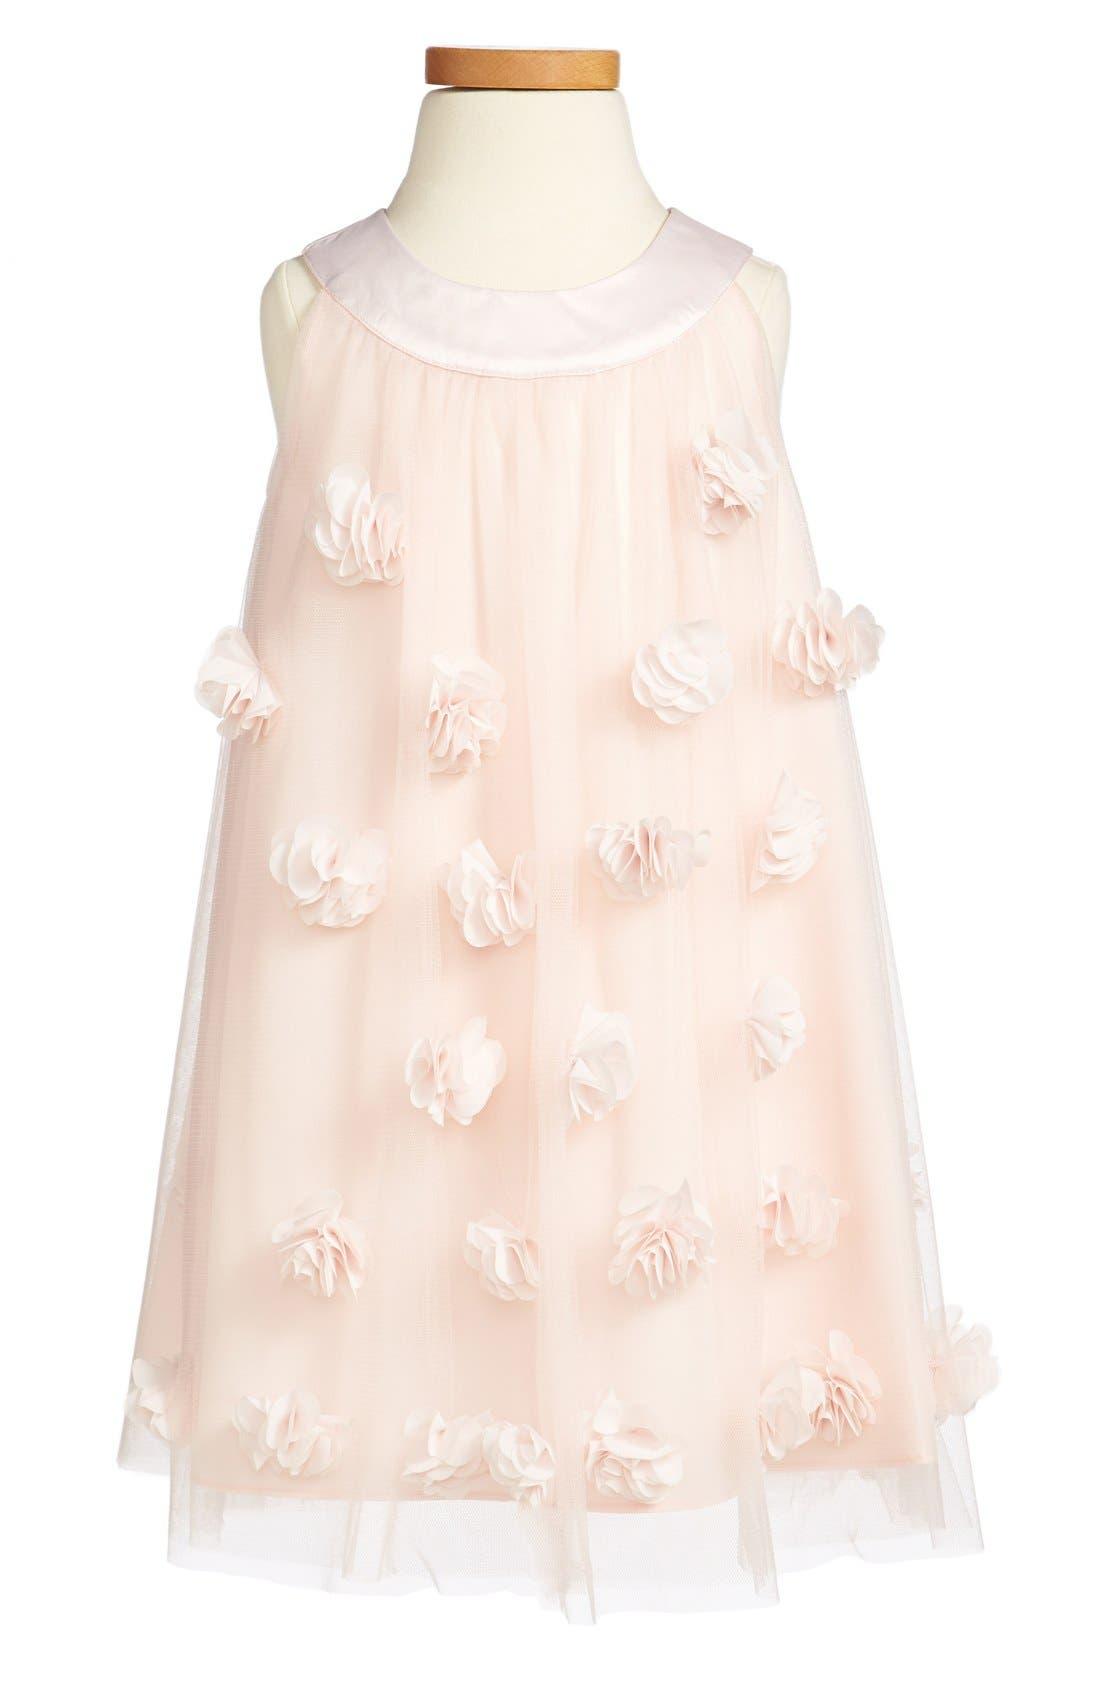 Alternate Image 1 Selected - Us Angels Embellished Dress (Baby Girls & Toddler Girls) (Online Only)